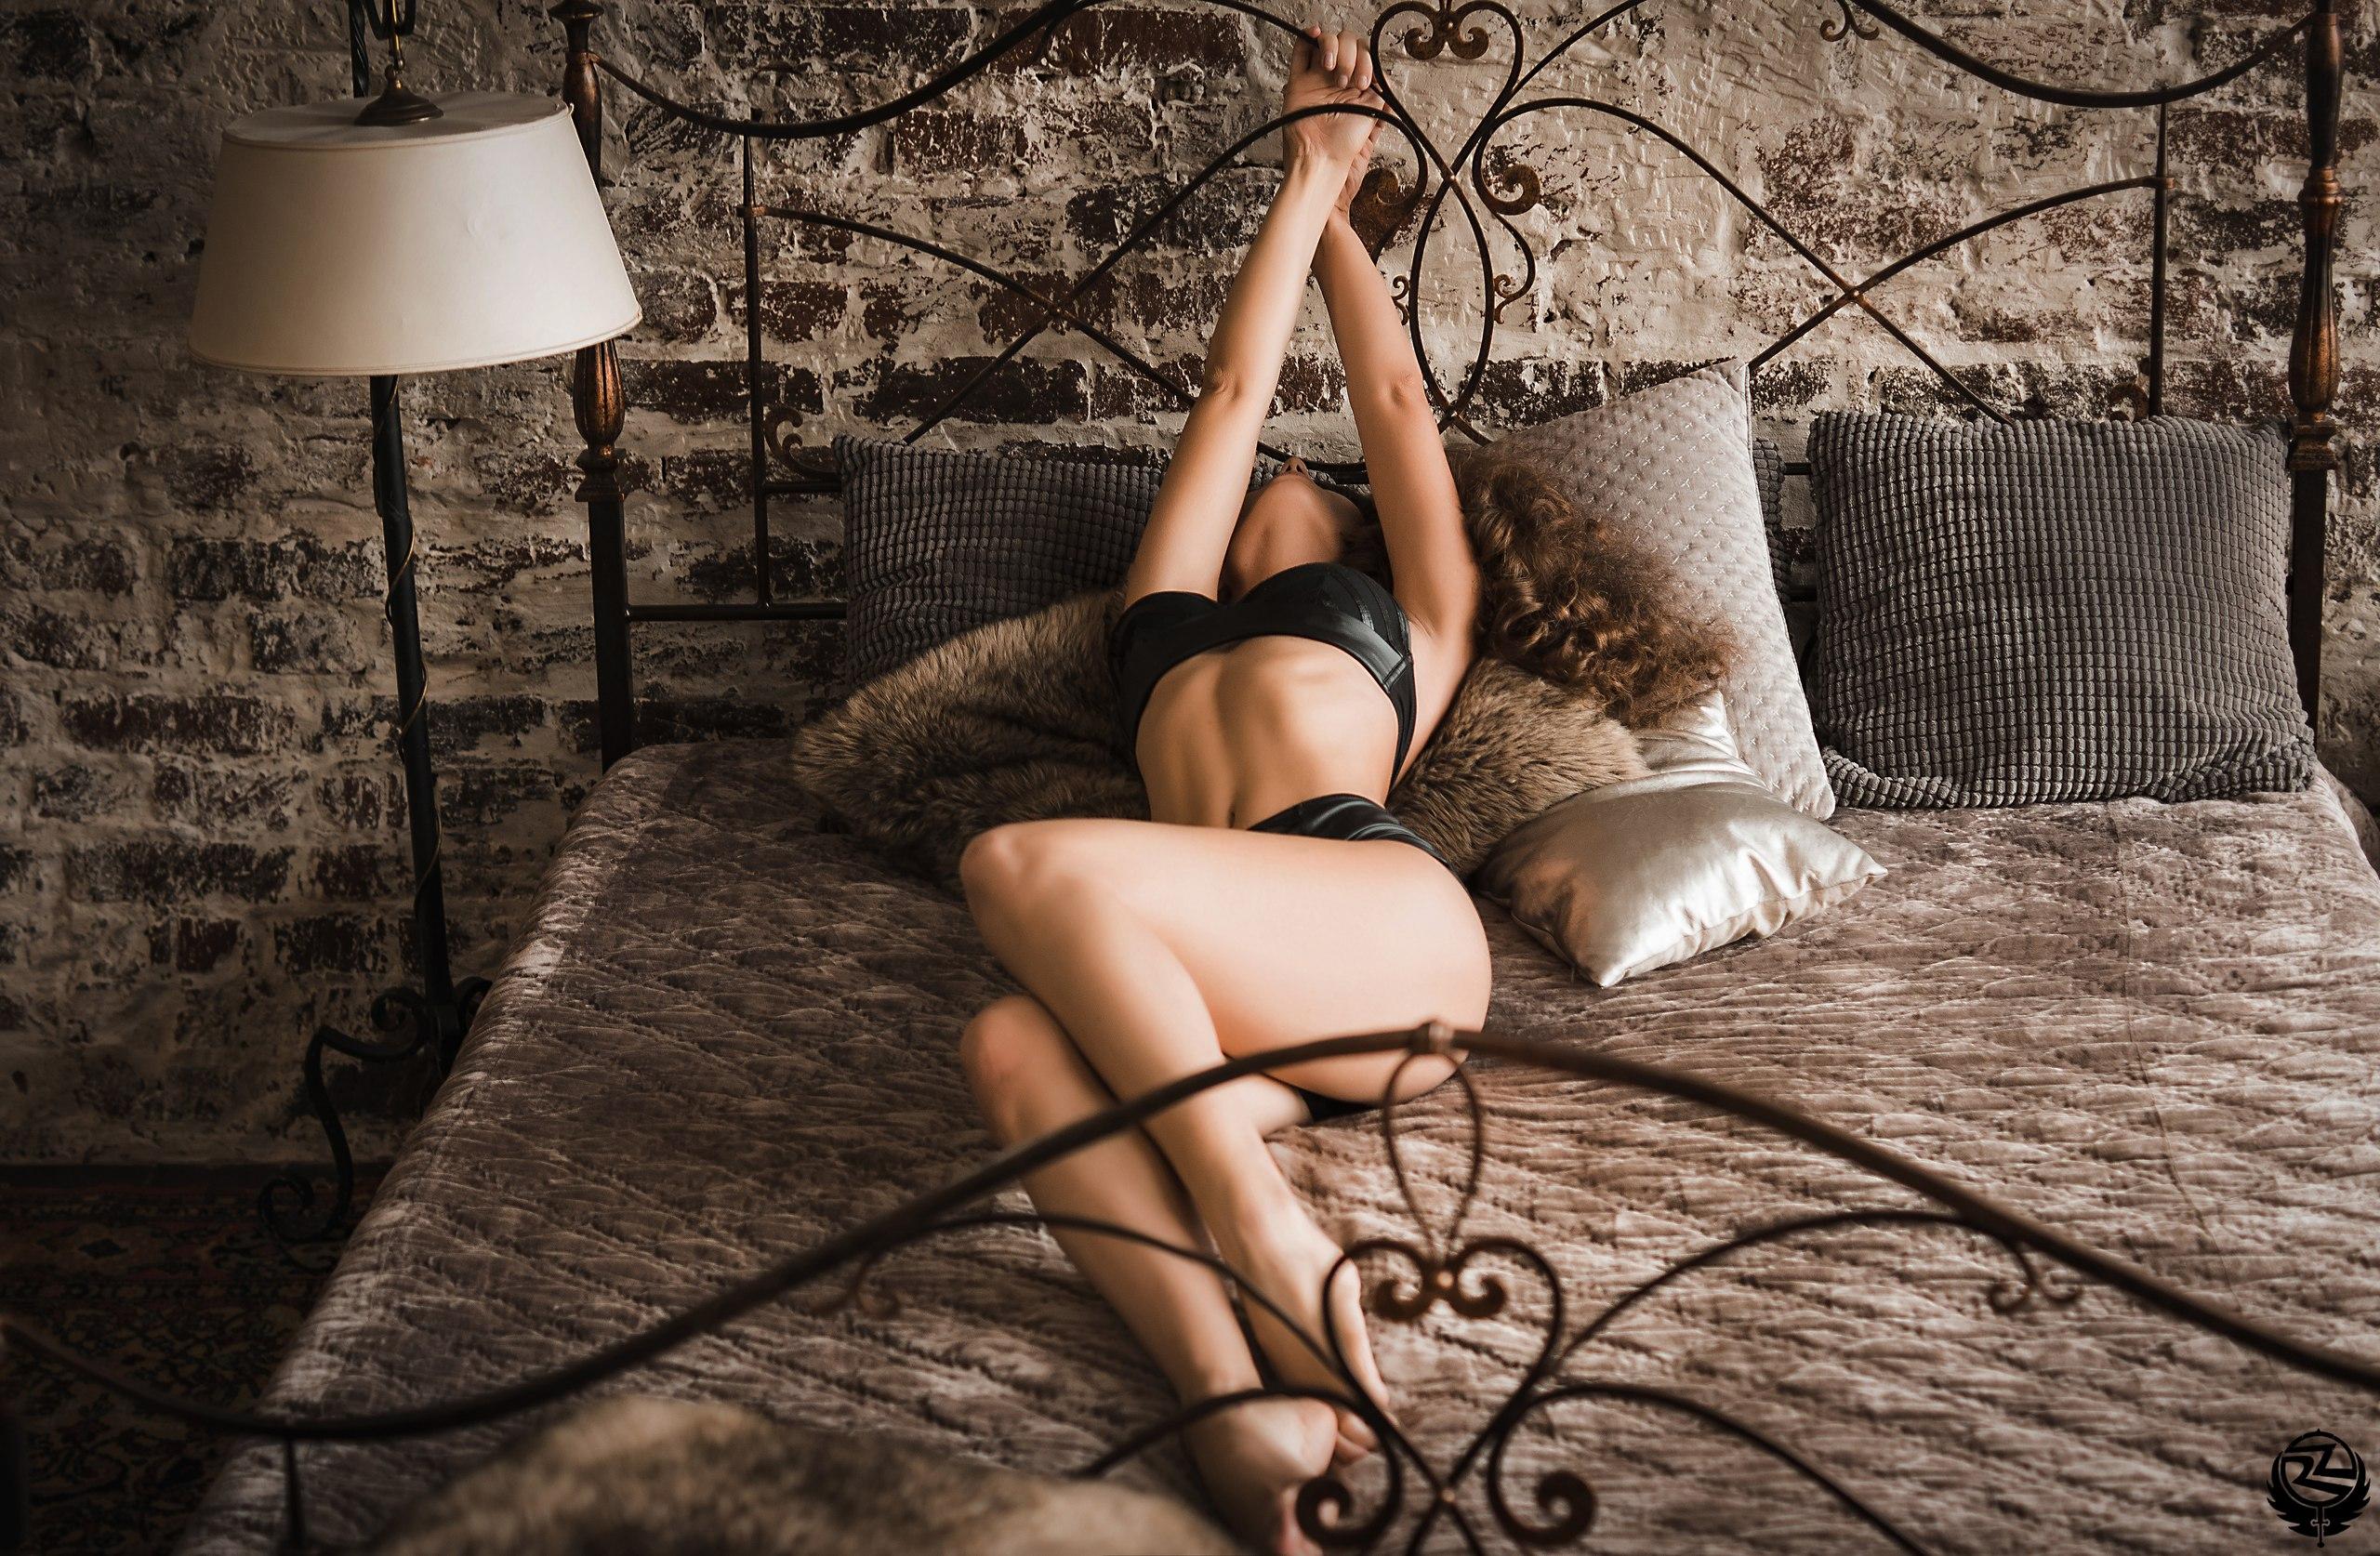 секс с превязанной к кровати женщиной